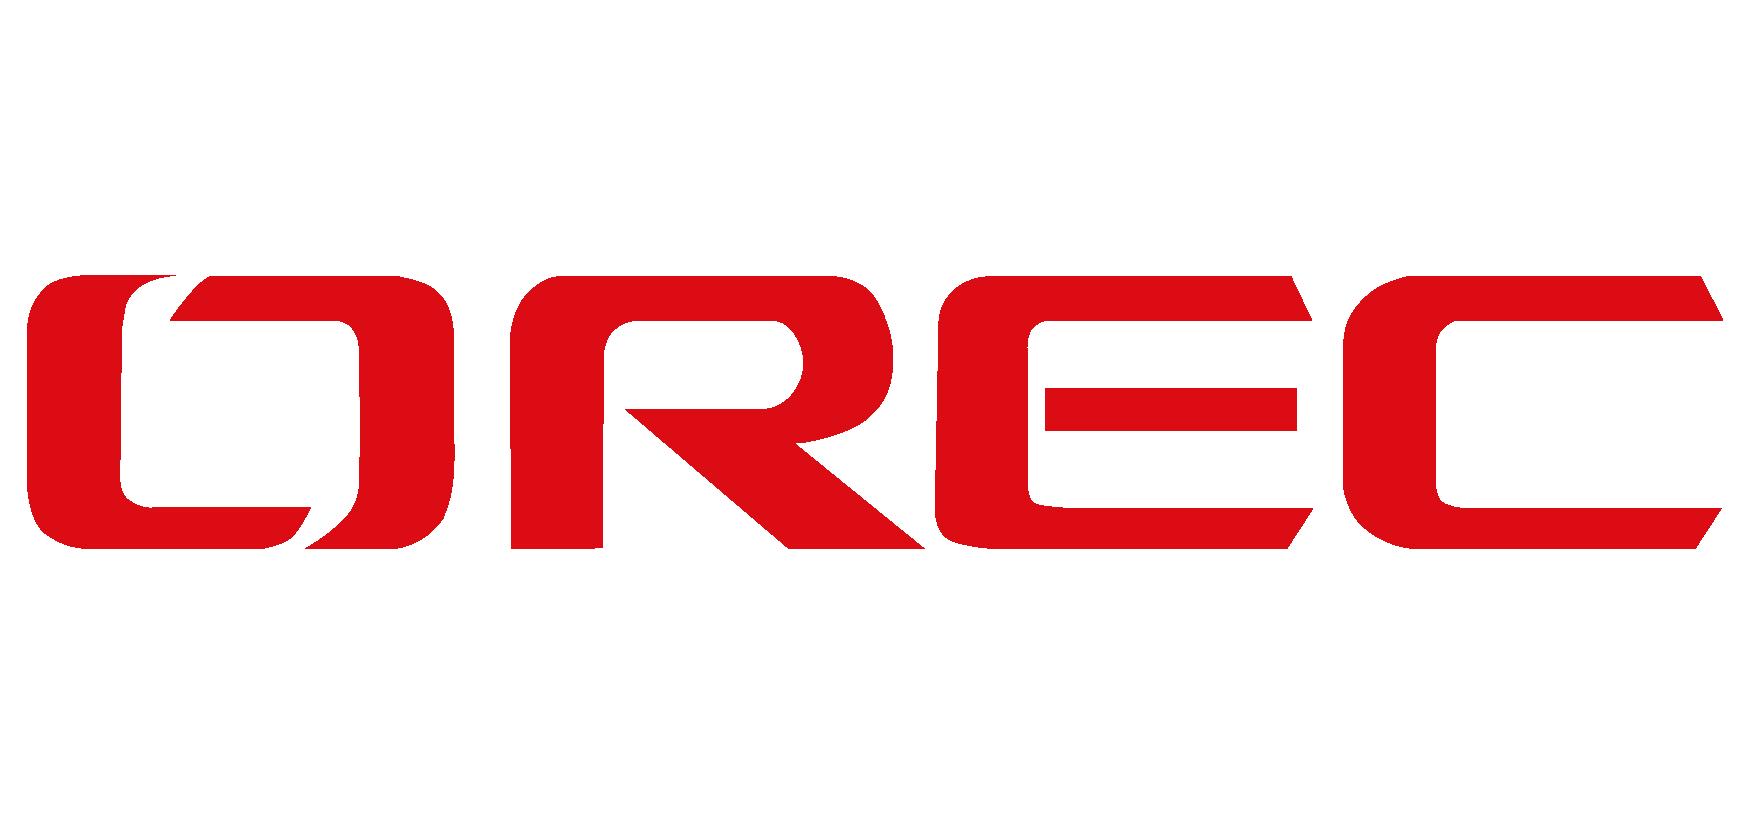 orecRouge-01